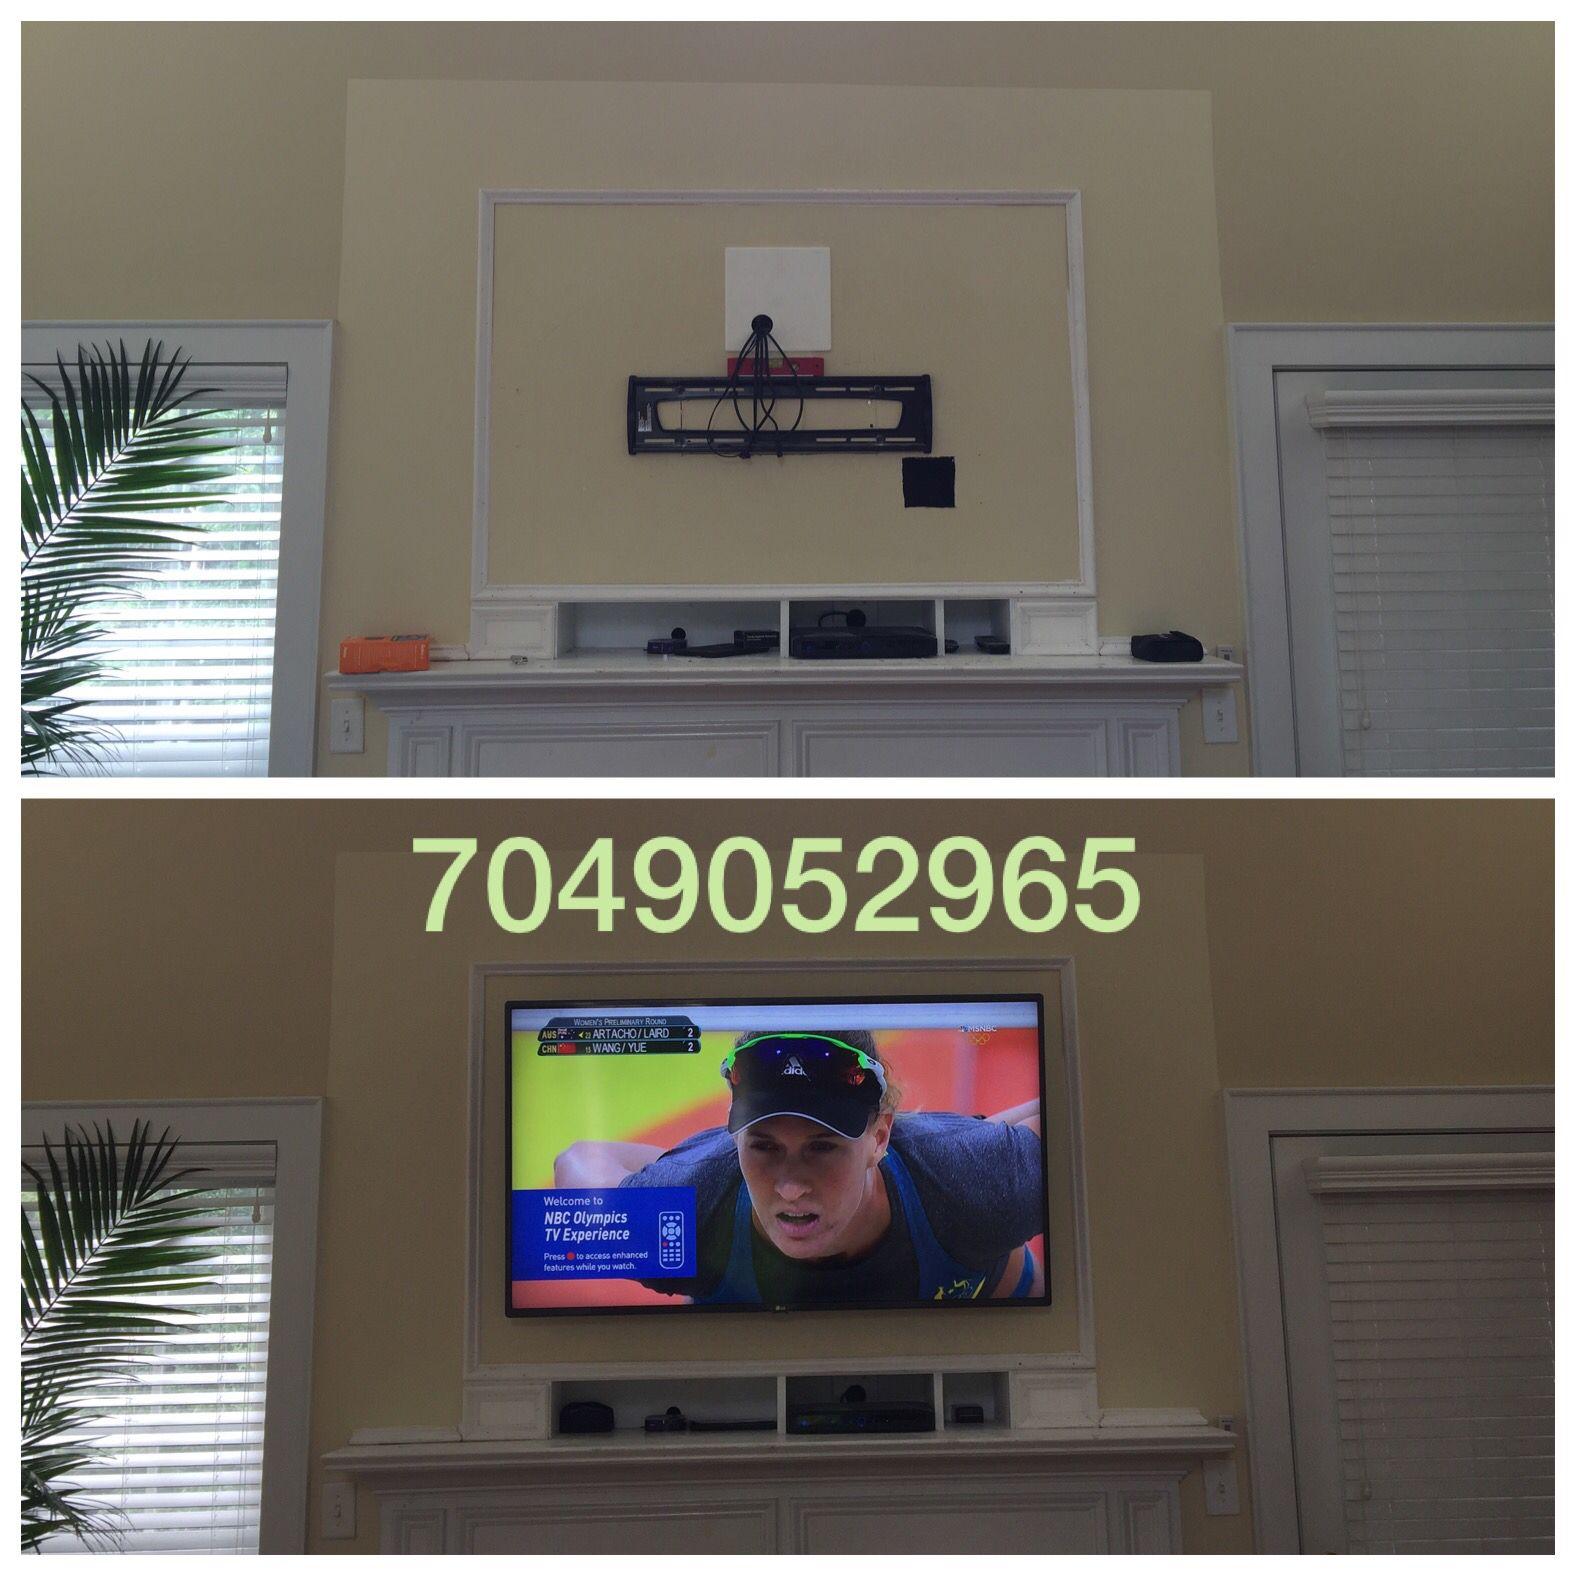 #tvmounting #tvinstallation #freetvmounts #infinitedesigns #tvmountcharlotte  #hometheater #charlotte #4ktv #flatscreen #hangtv #mounttv #tvmount www.tvmountcharlotte.com 7049052965